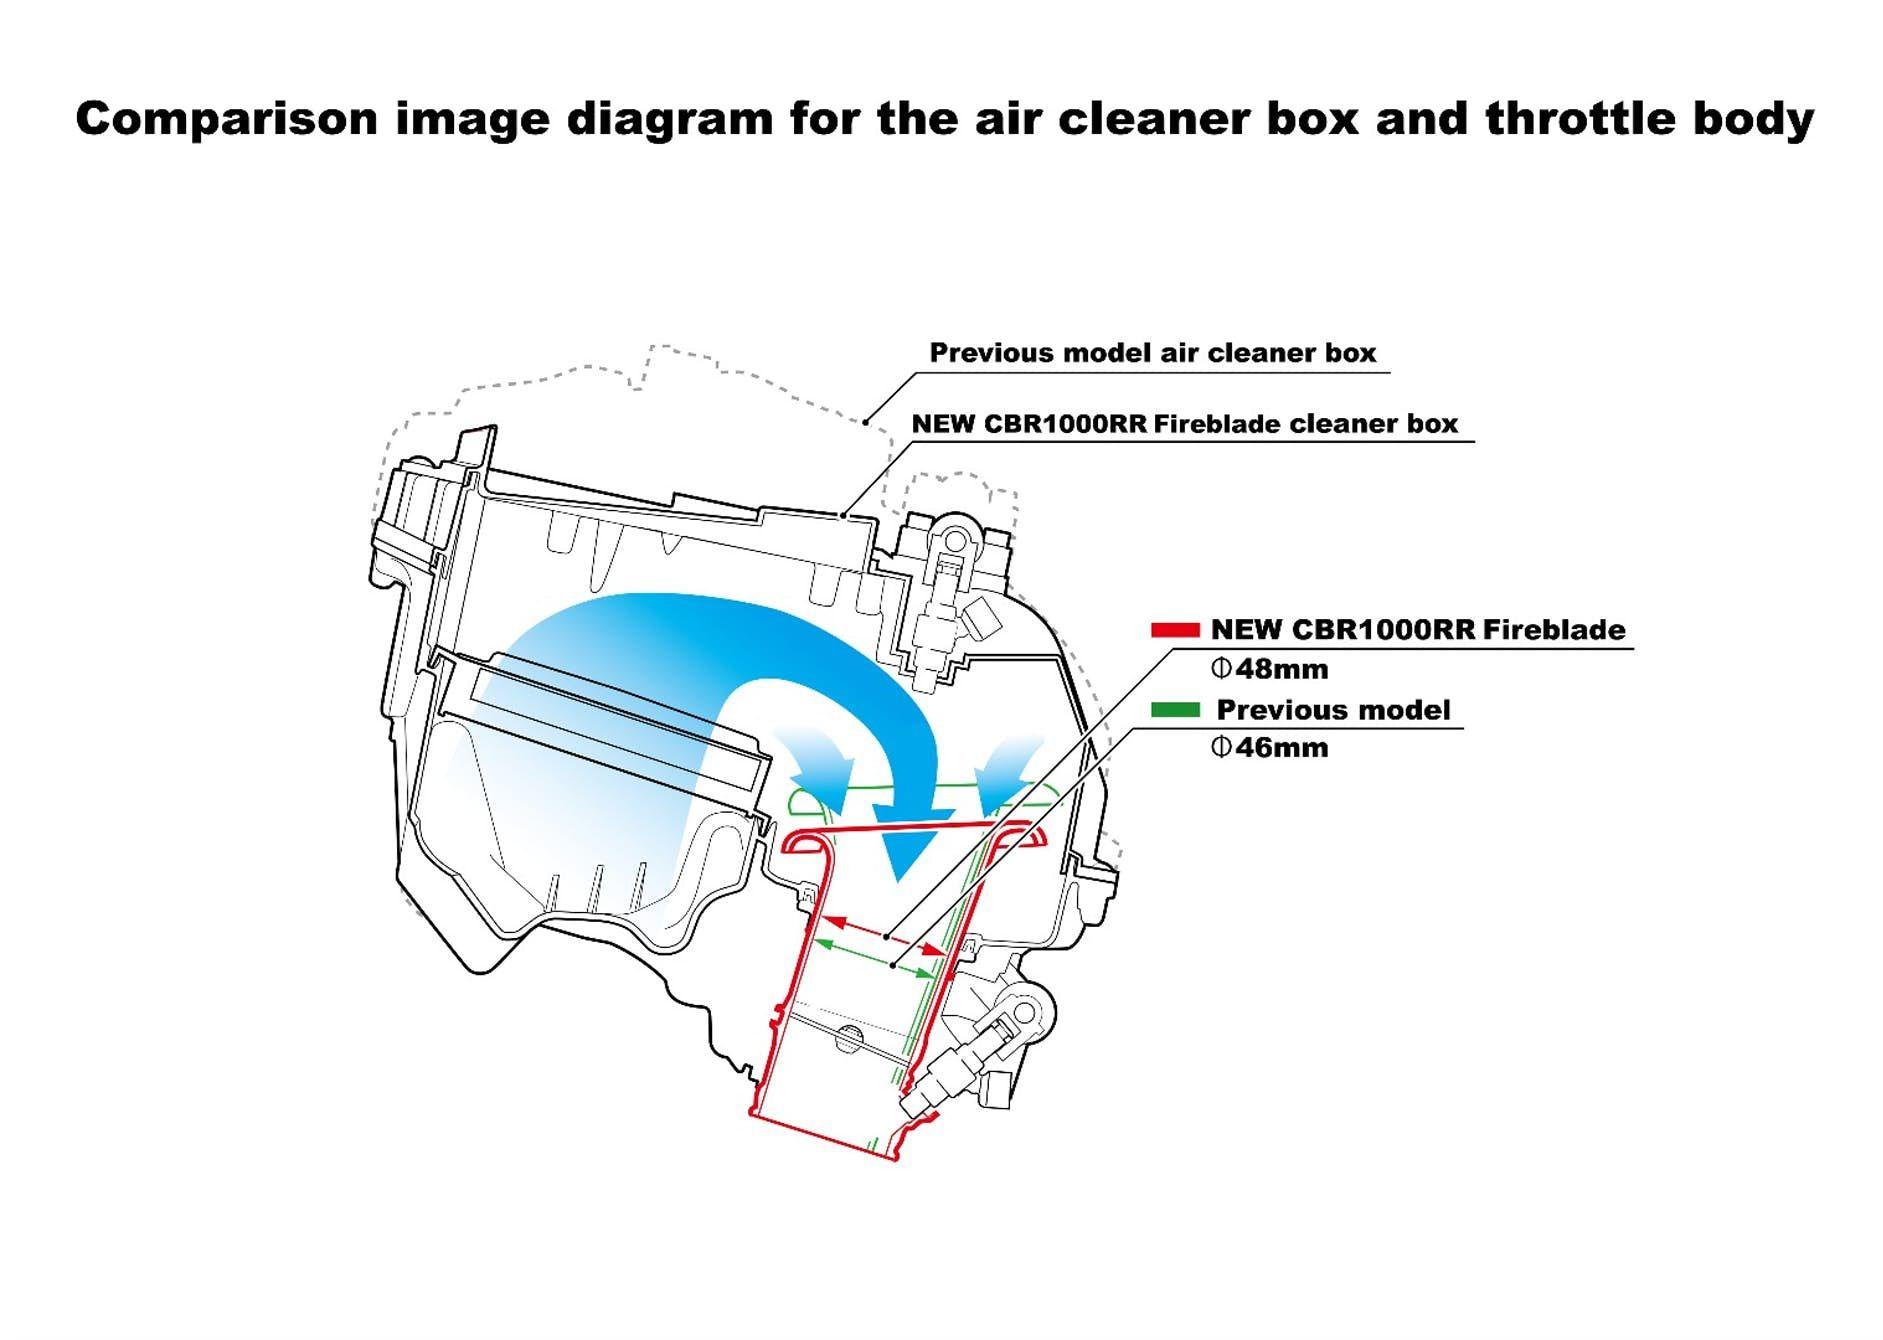 The Airbox Of New Honda Cbr1000rr Fireblade Sp 2wheelerz. The Airbox Of New Honda Cbr1000rr Fireblade Sp. Honda. Honda Cbr 1000rr Engine Diagram At Scoala.co